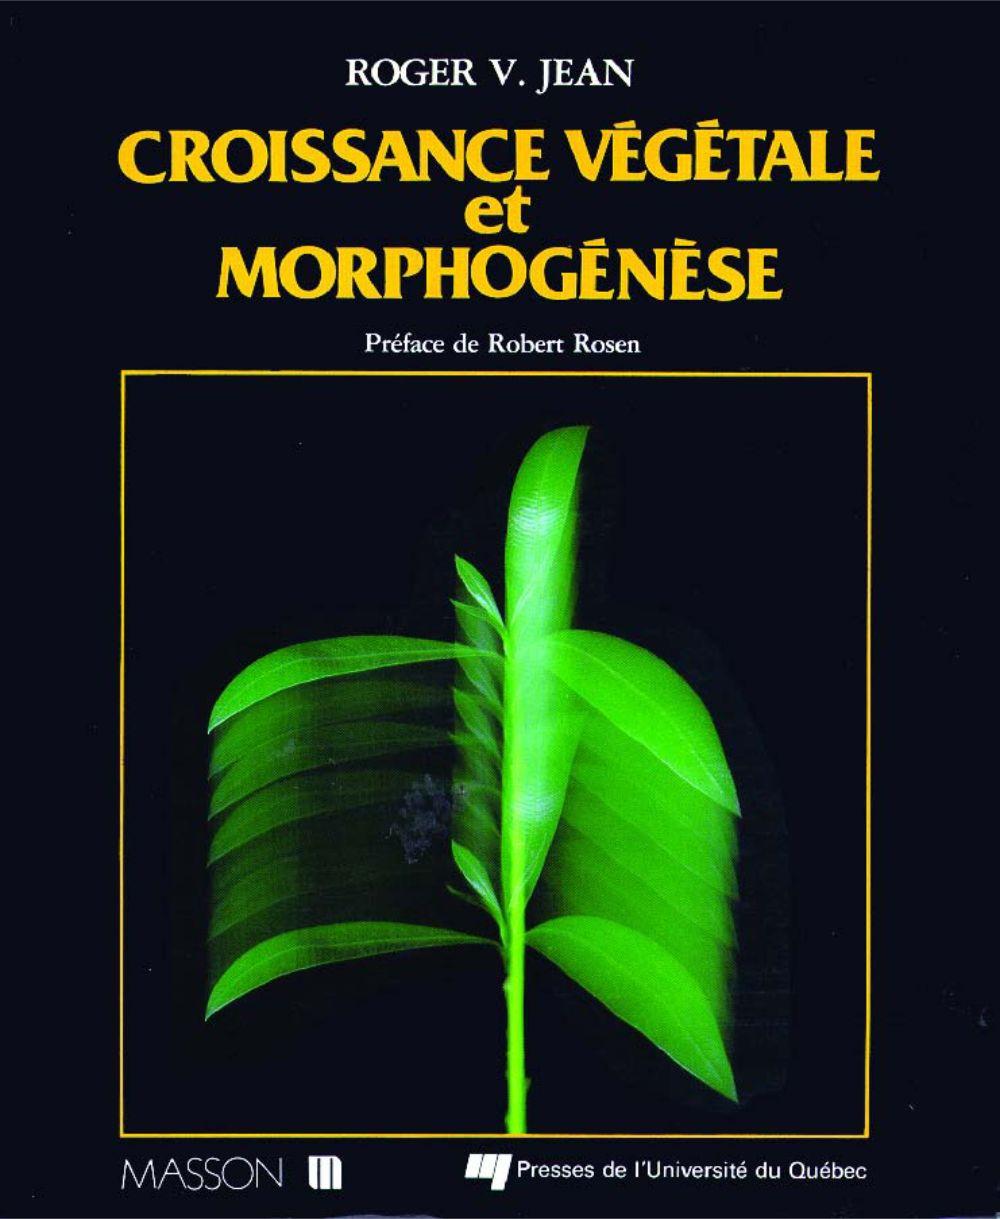 Croissance végétale et morphogénèse